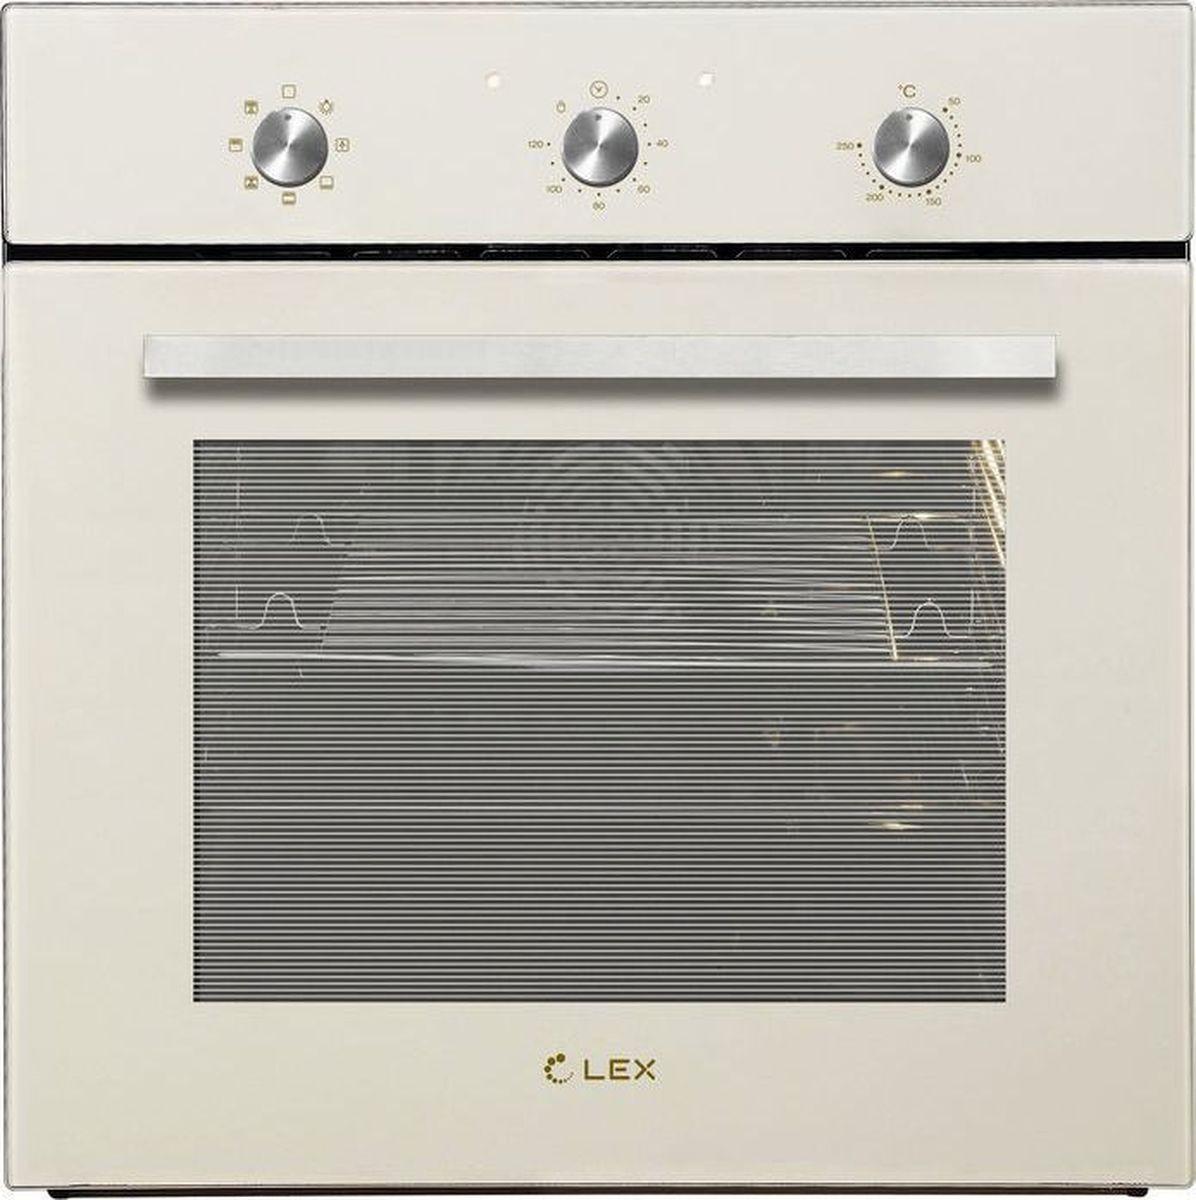 Духовой шкаф Lex EDM 070 IV, слоновая кость